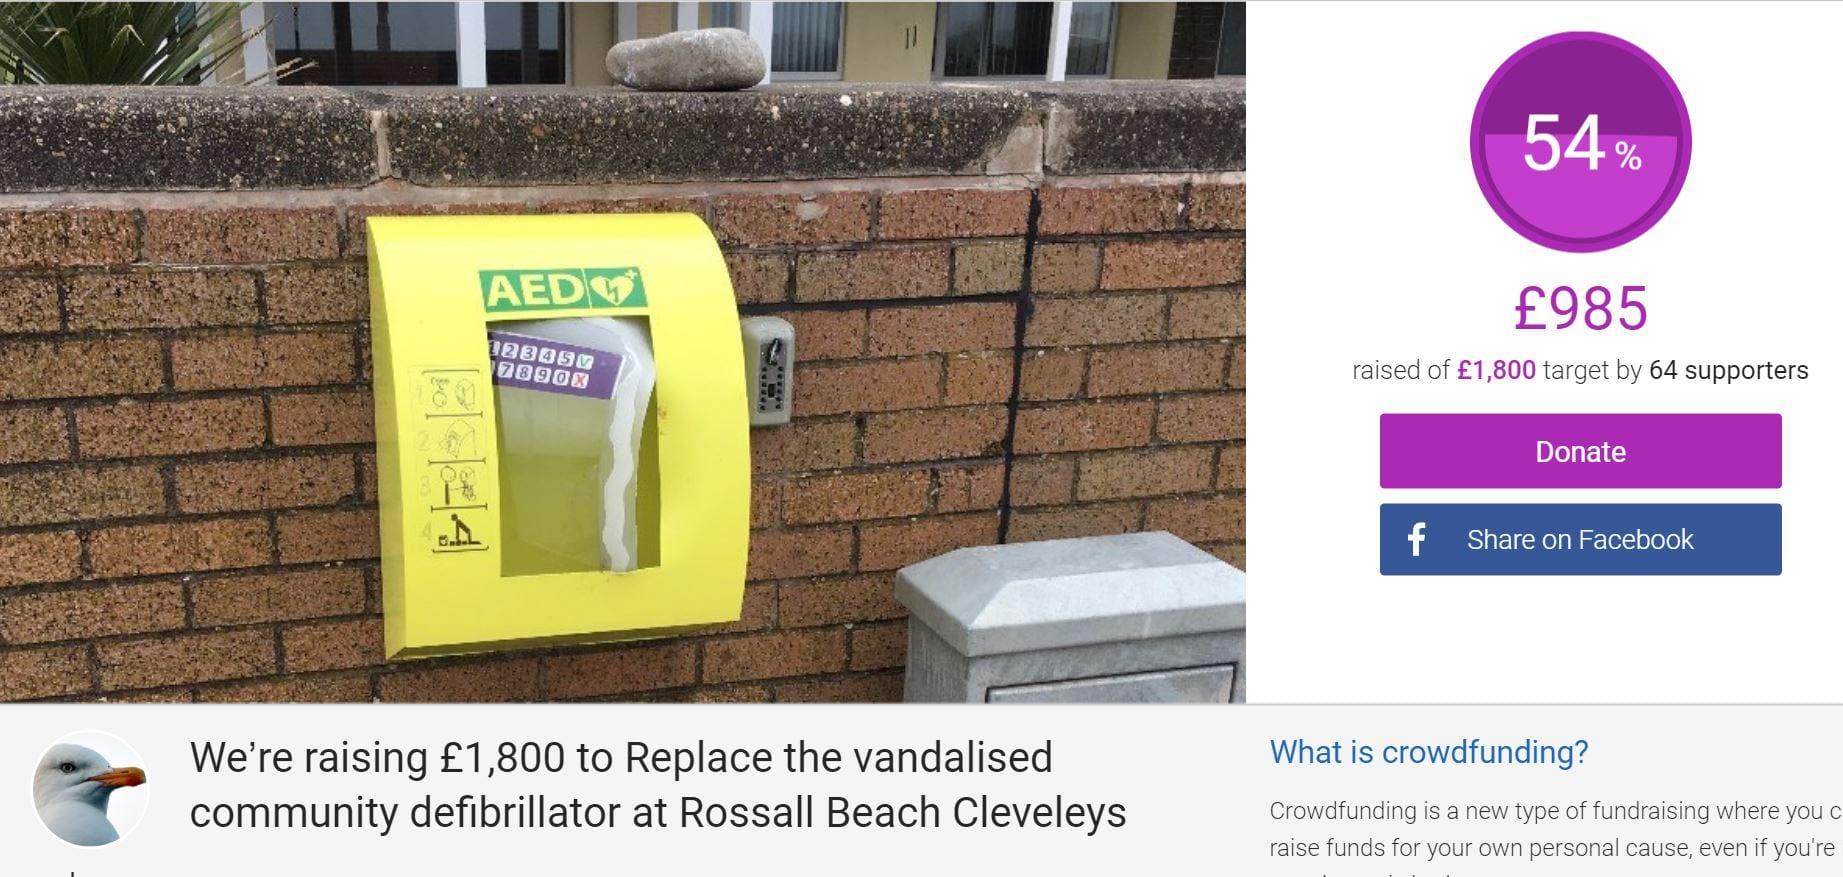 Crowd funding for vandalised defibrillator